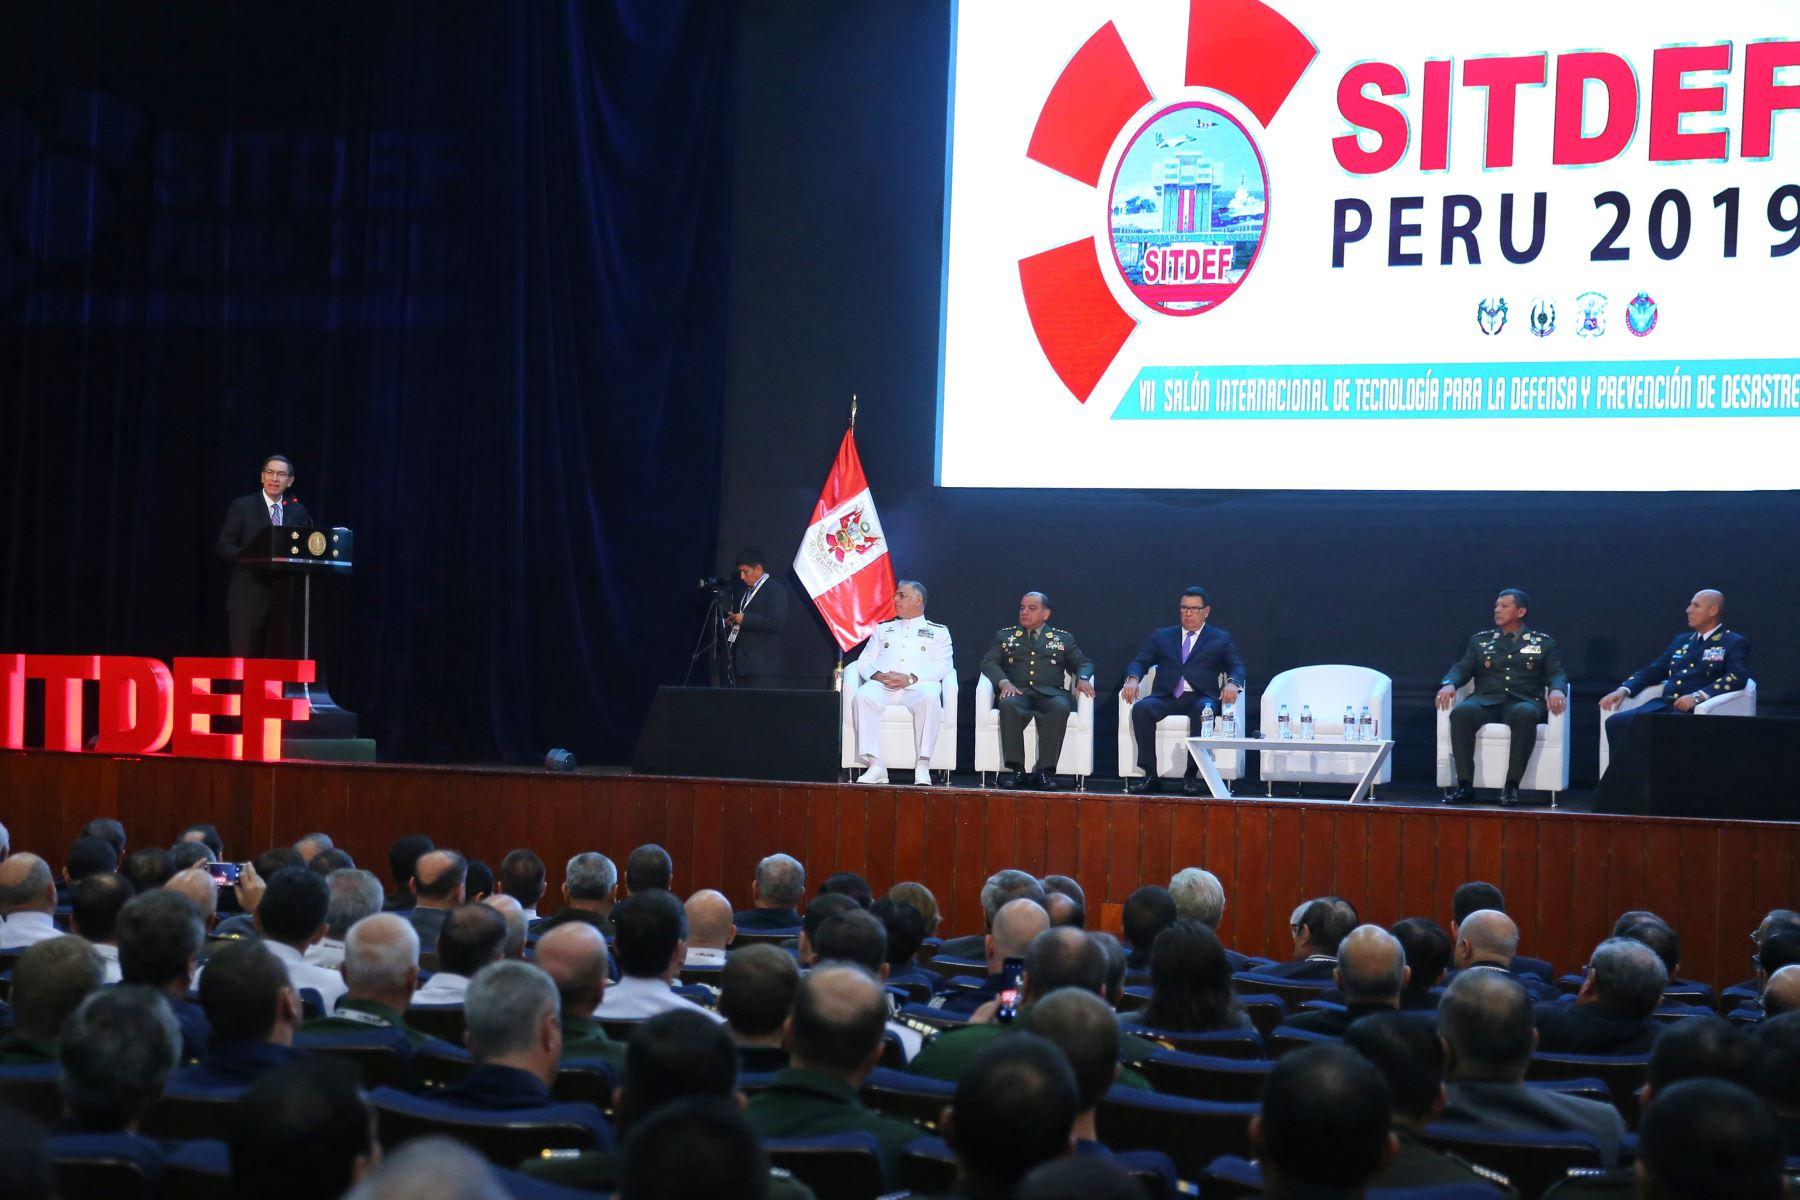 Presidente Martín Vizcarra inaugura el VII Salón Internacional de Tecnología para la Defensa y Prevención de Desastres – SITDEF 2019. Foto: ANDINA/ Vidal Tarqui